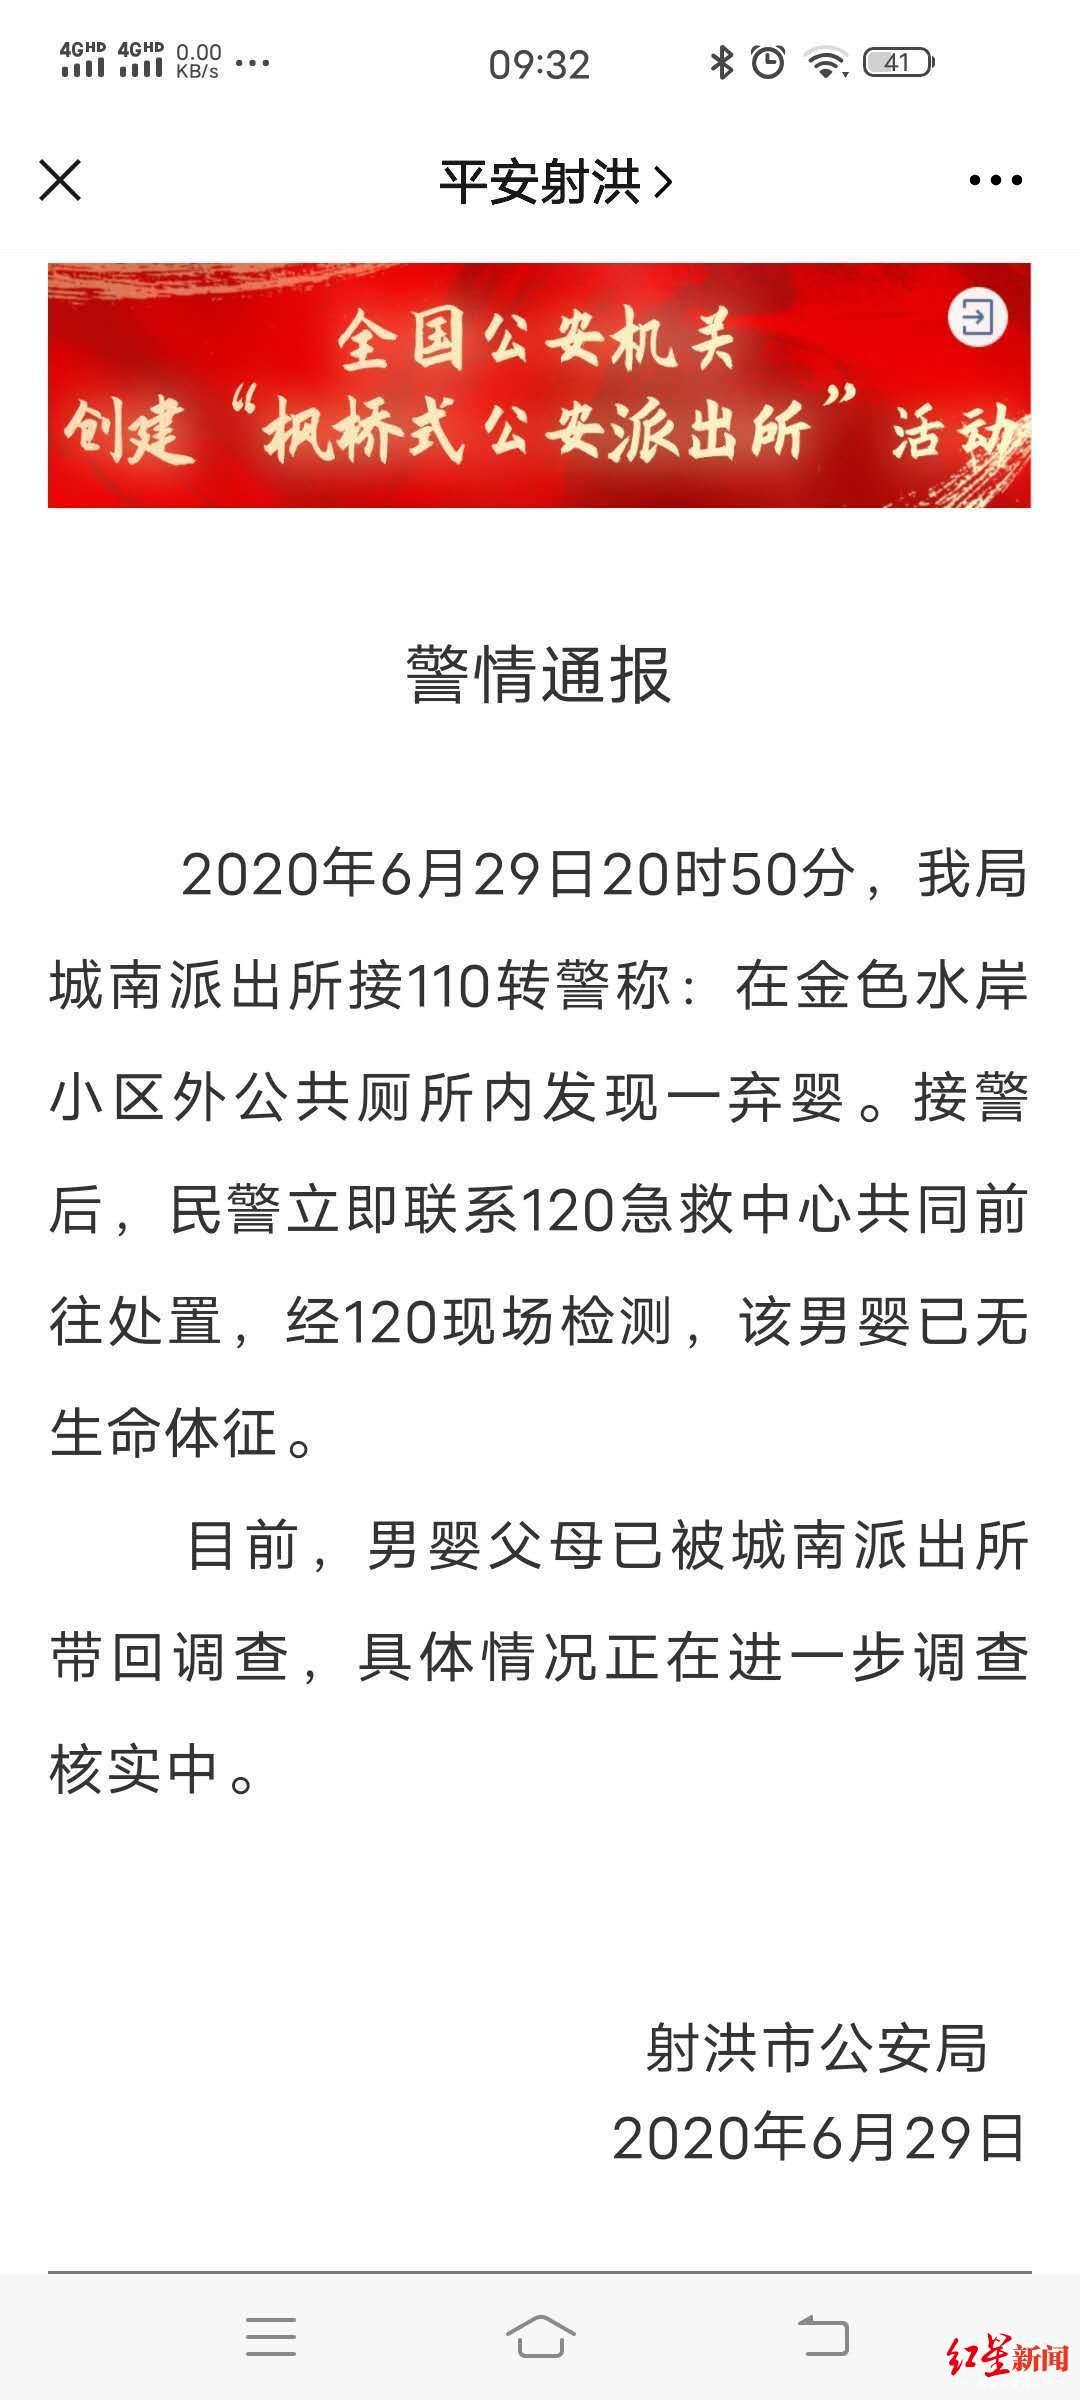 ↑6月30日凌晨0点,平安射洪发布警情通报